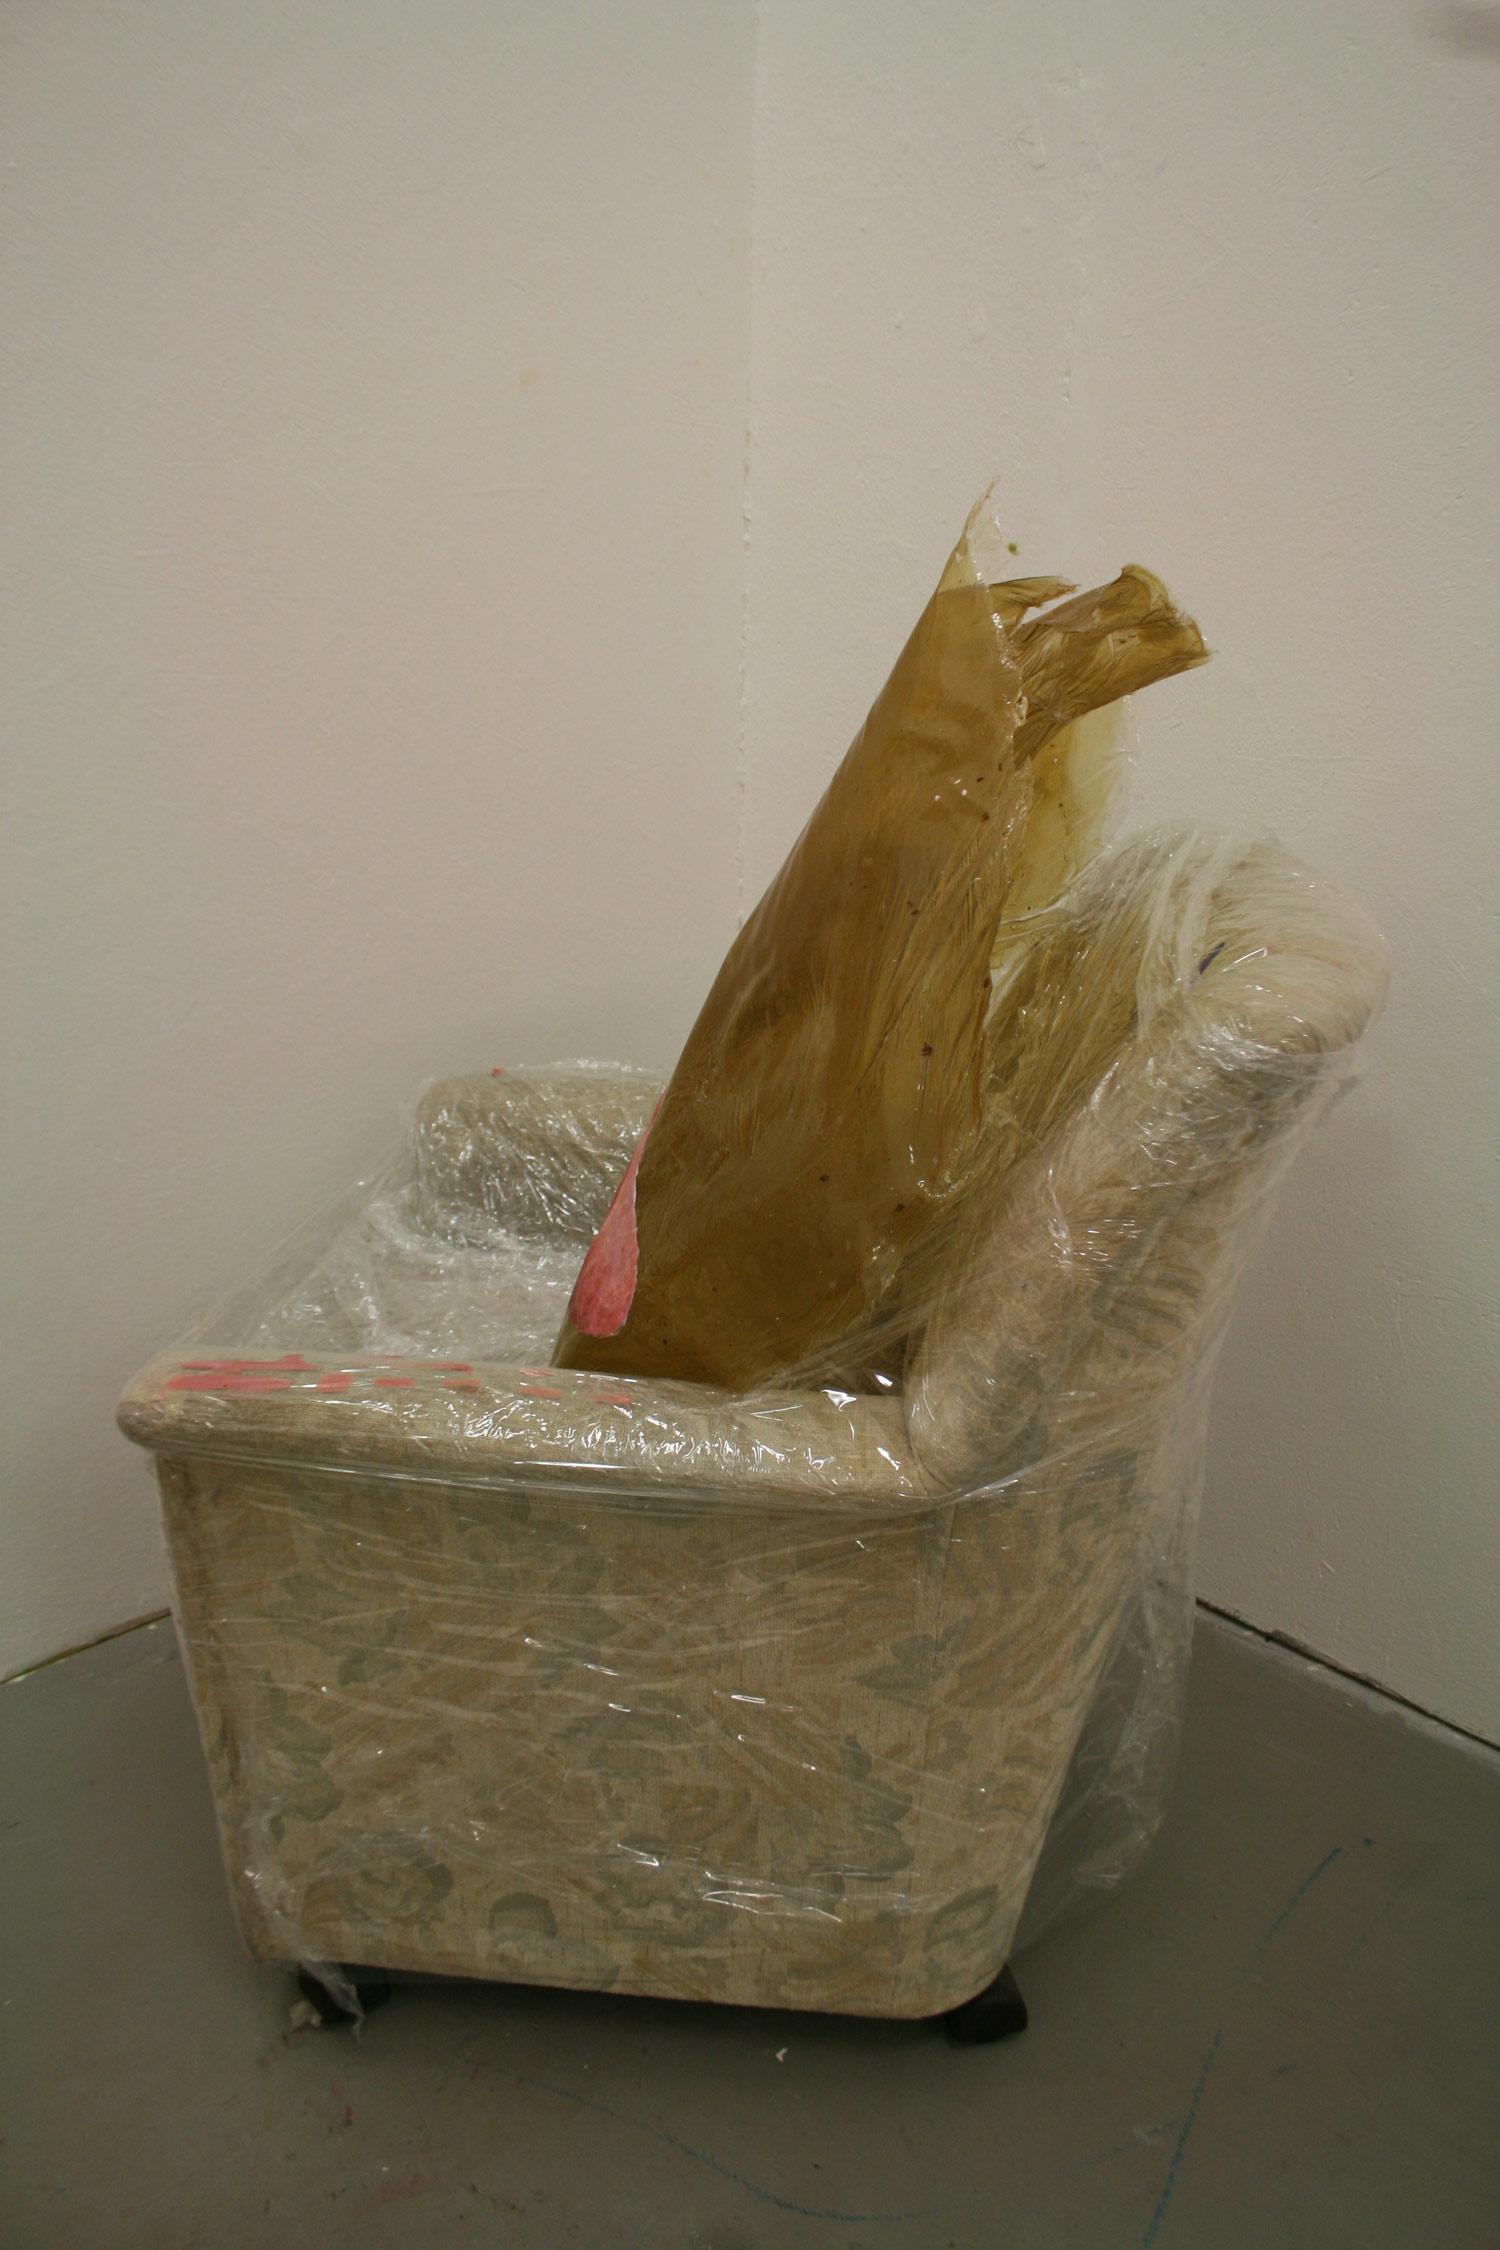 Laura Link . ohne Titel . 2012 . Ölfarbe, Bitumen, Knochenleim, Frischhaltefolie, Sessel . 140 x 90 x 90 . Rückansicht